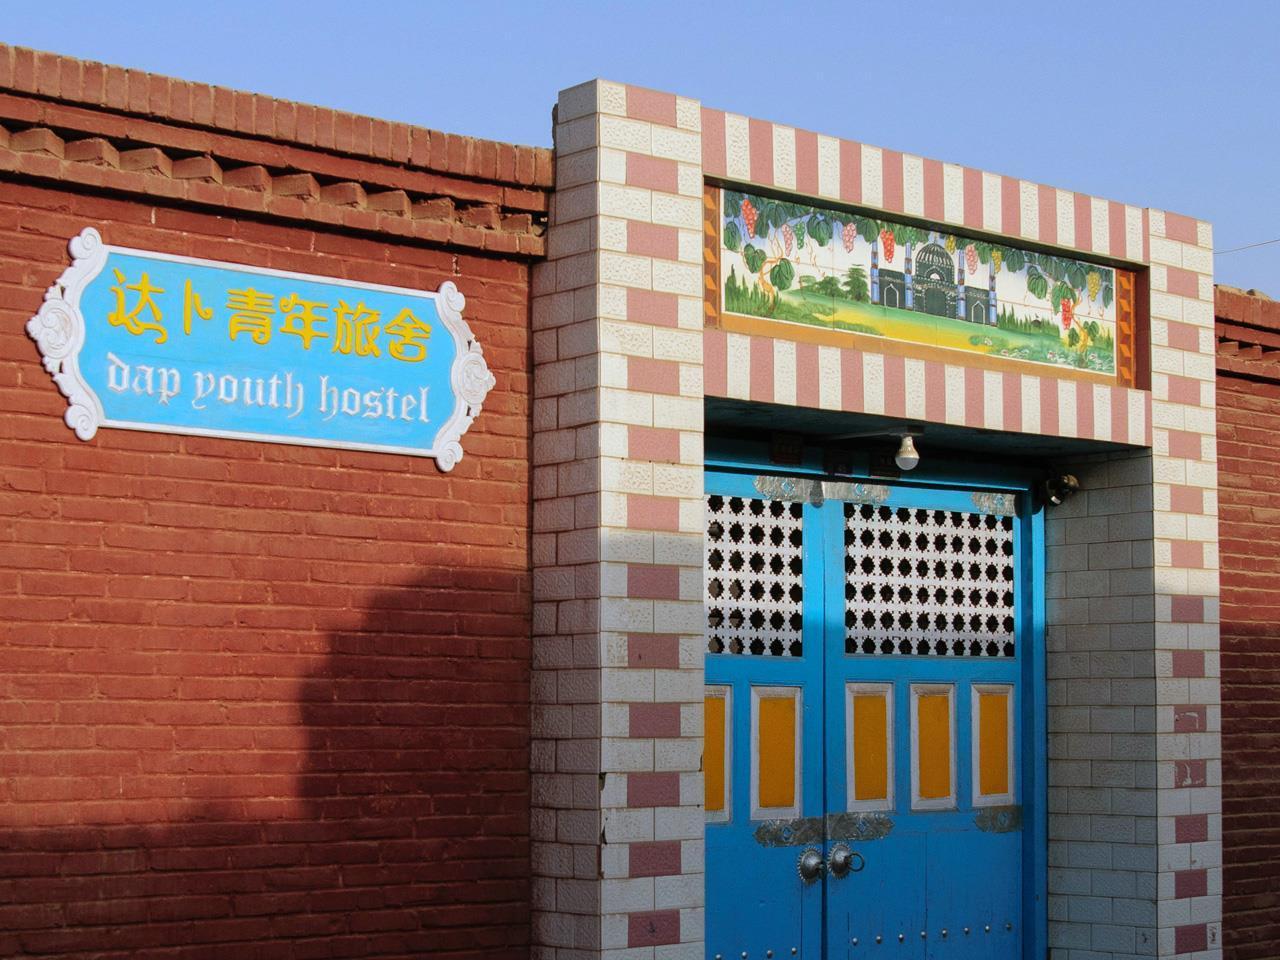 Dap Youth Hostel, Turfan